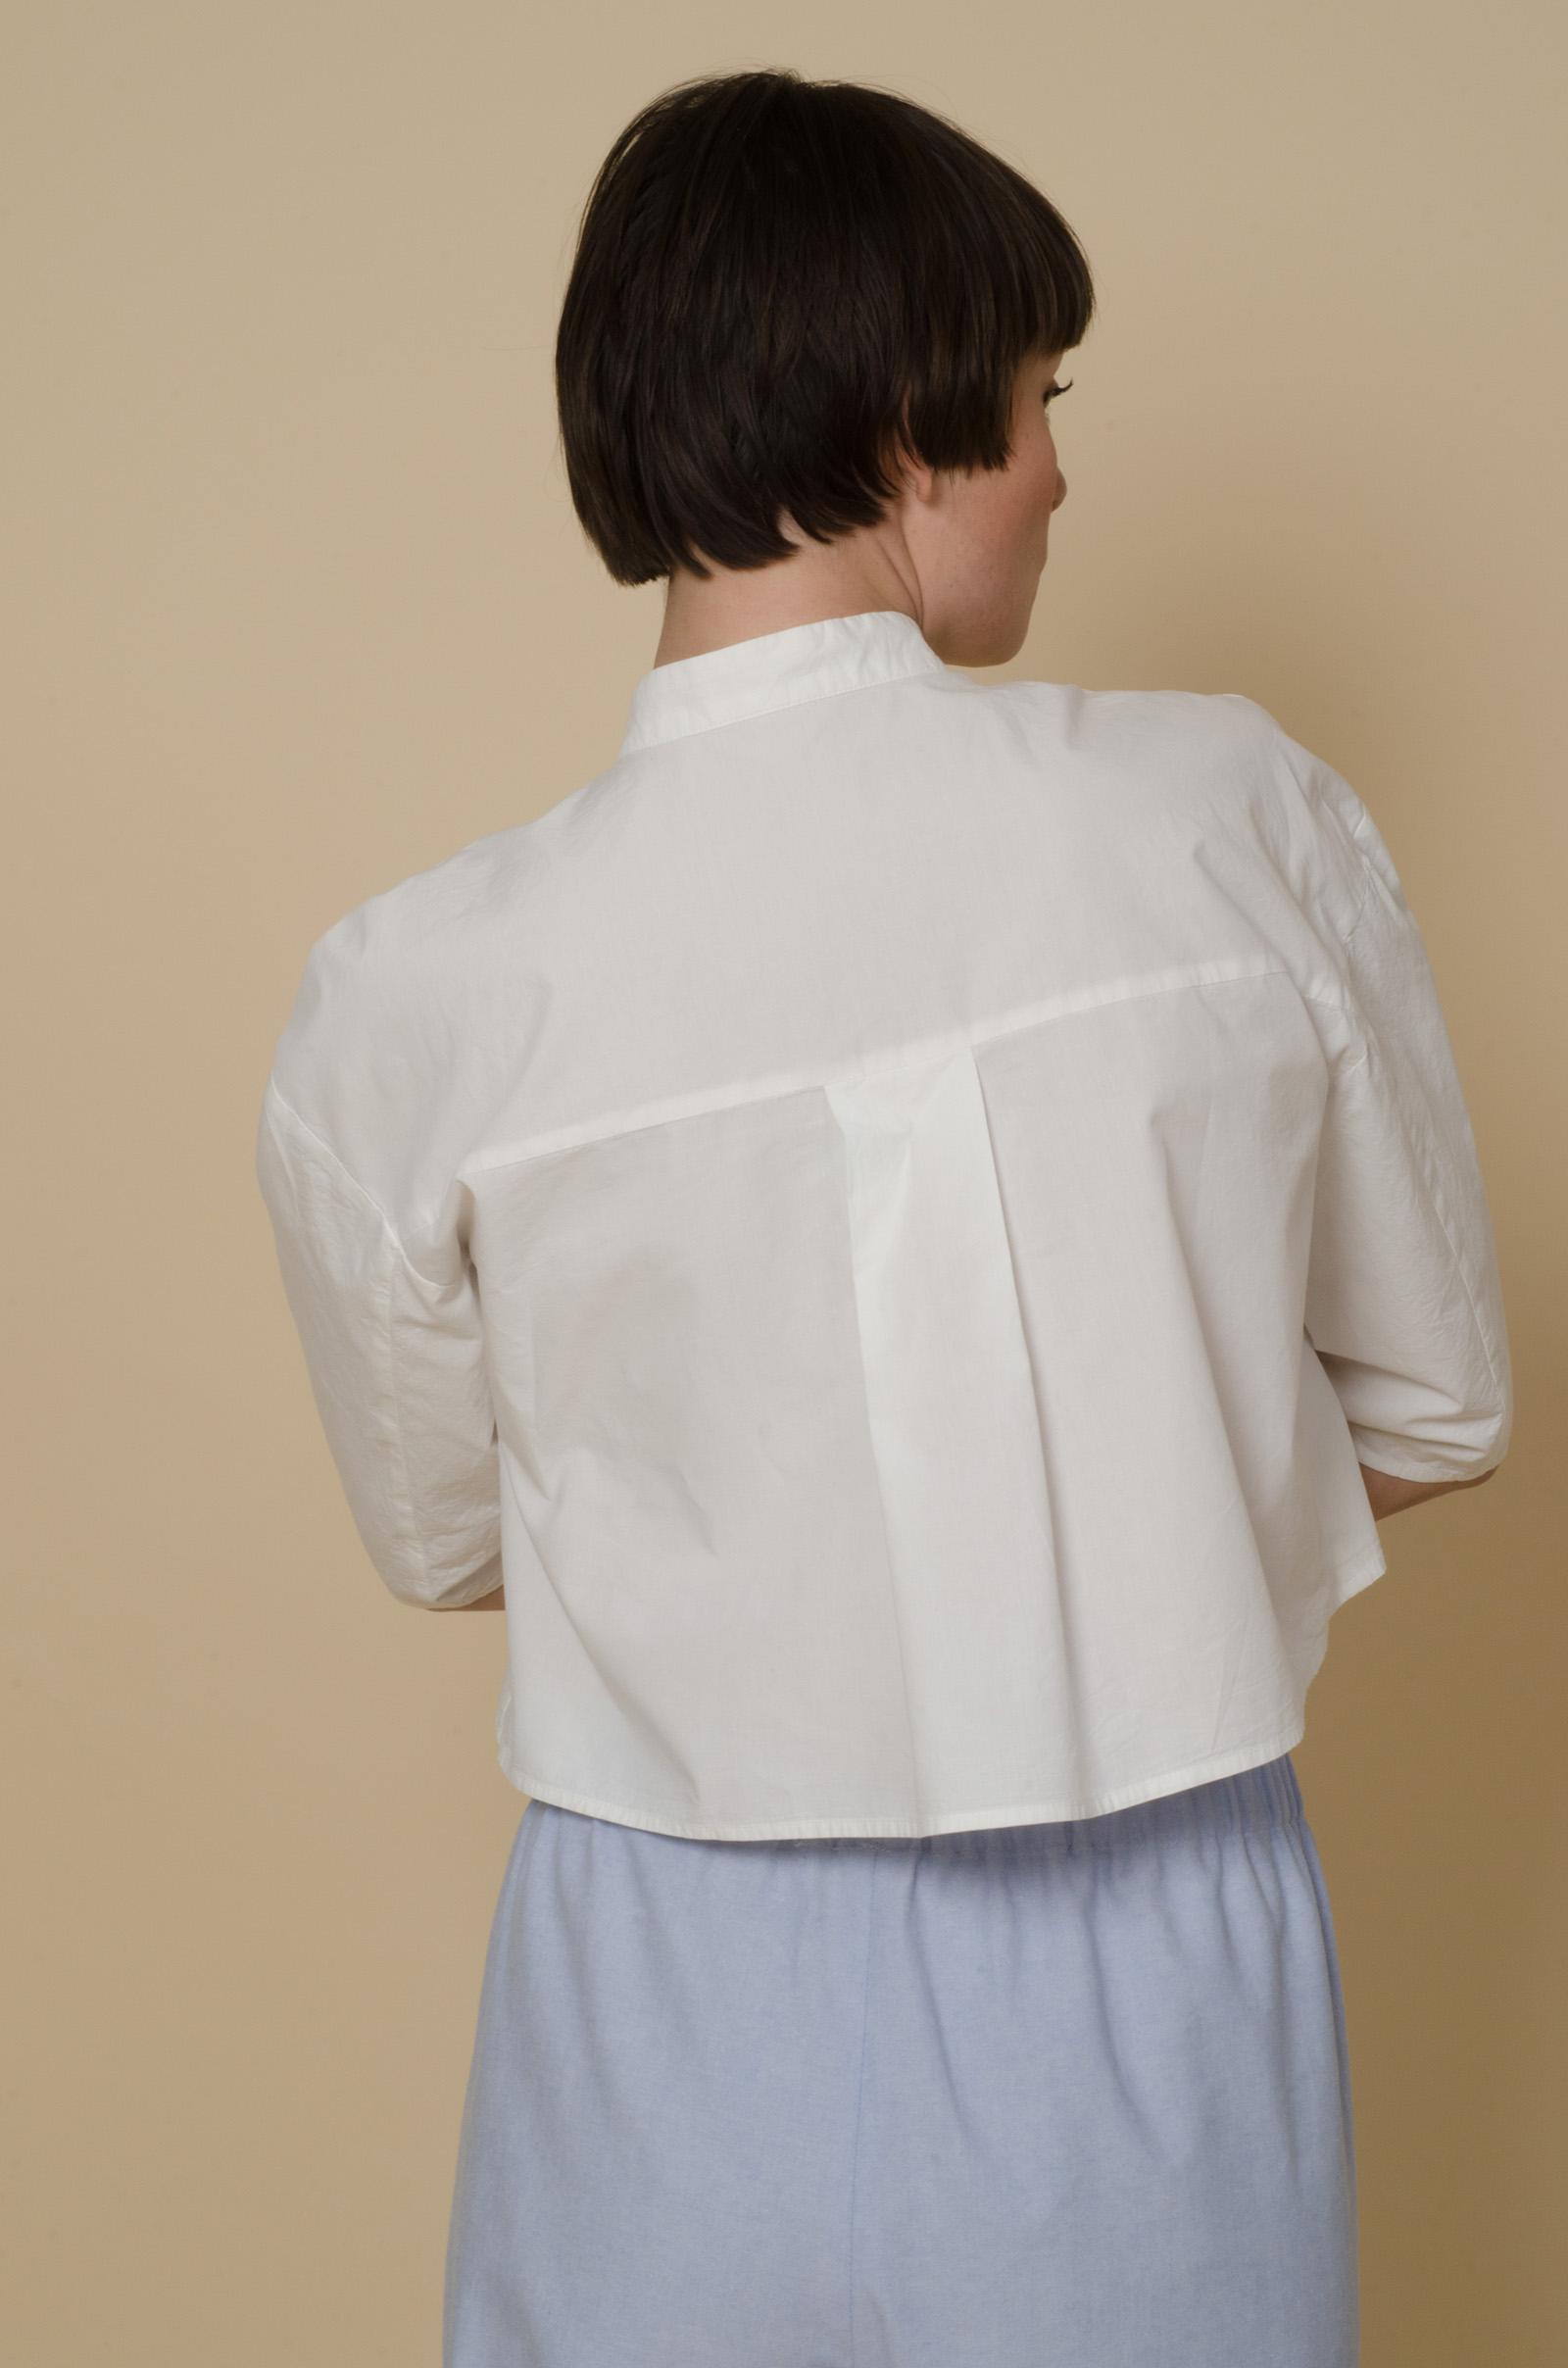 meinwerk diy schnittmuster & anleitung oversized shirtdress. nähanleitung, hemdkleid nähen, hemdkleid schnitt, bluse nähen, blusen schnittmuster, weites hemdkleid selber nähen, weite bluse, weites blusenkleid, oversized bluse, tunika schnitt, diy design, hemdstoff, blusenstoff, handmade shirt, diy berlin, minimalistisch, minimalism, puristisch, slow fashion, nachhaltig, skandinavisch,